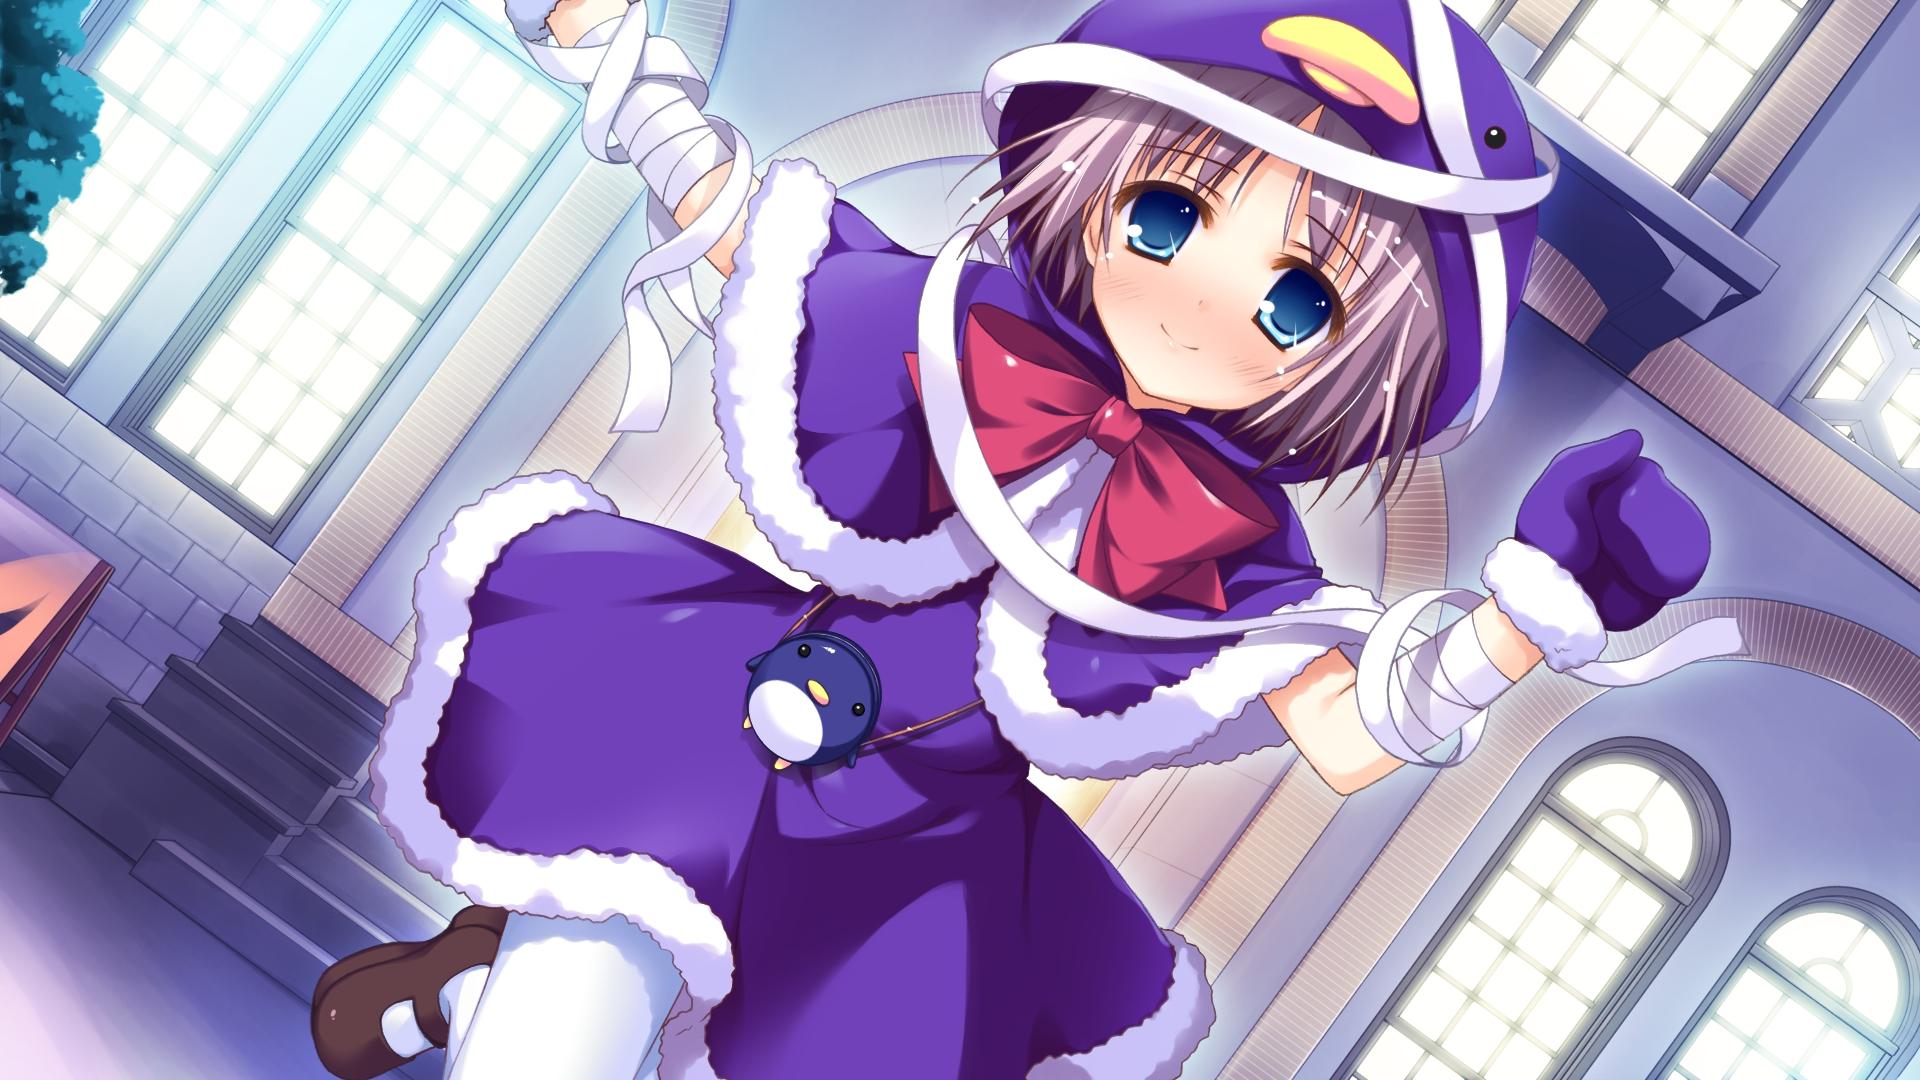 blue_eyes bow game_cg iro_ni_ide_ni_keri_waga_koi_wa kaede_yuzuna narumi_yuu pantyhose windmill_(company)